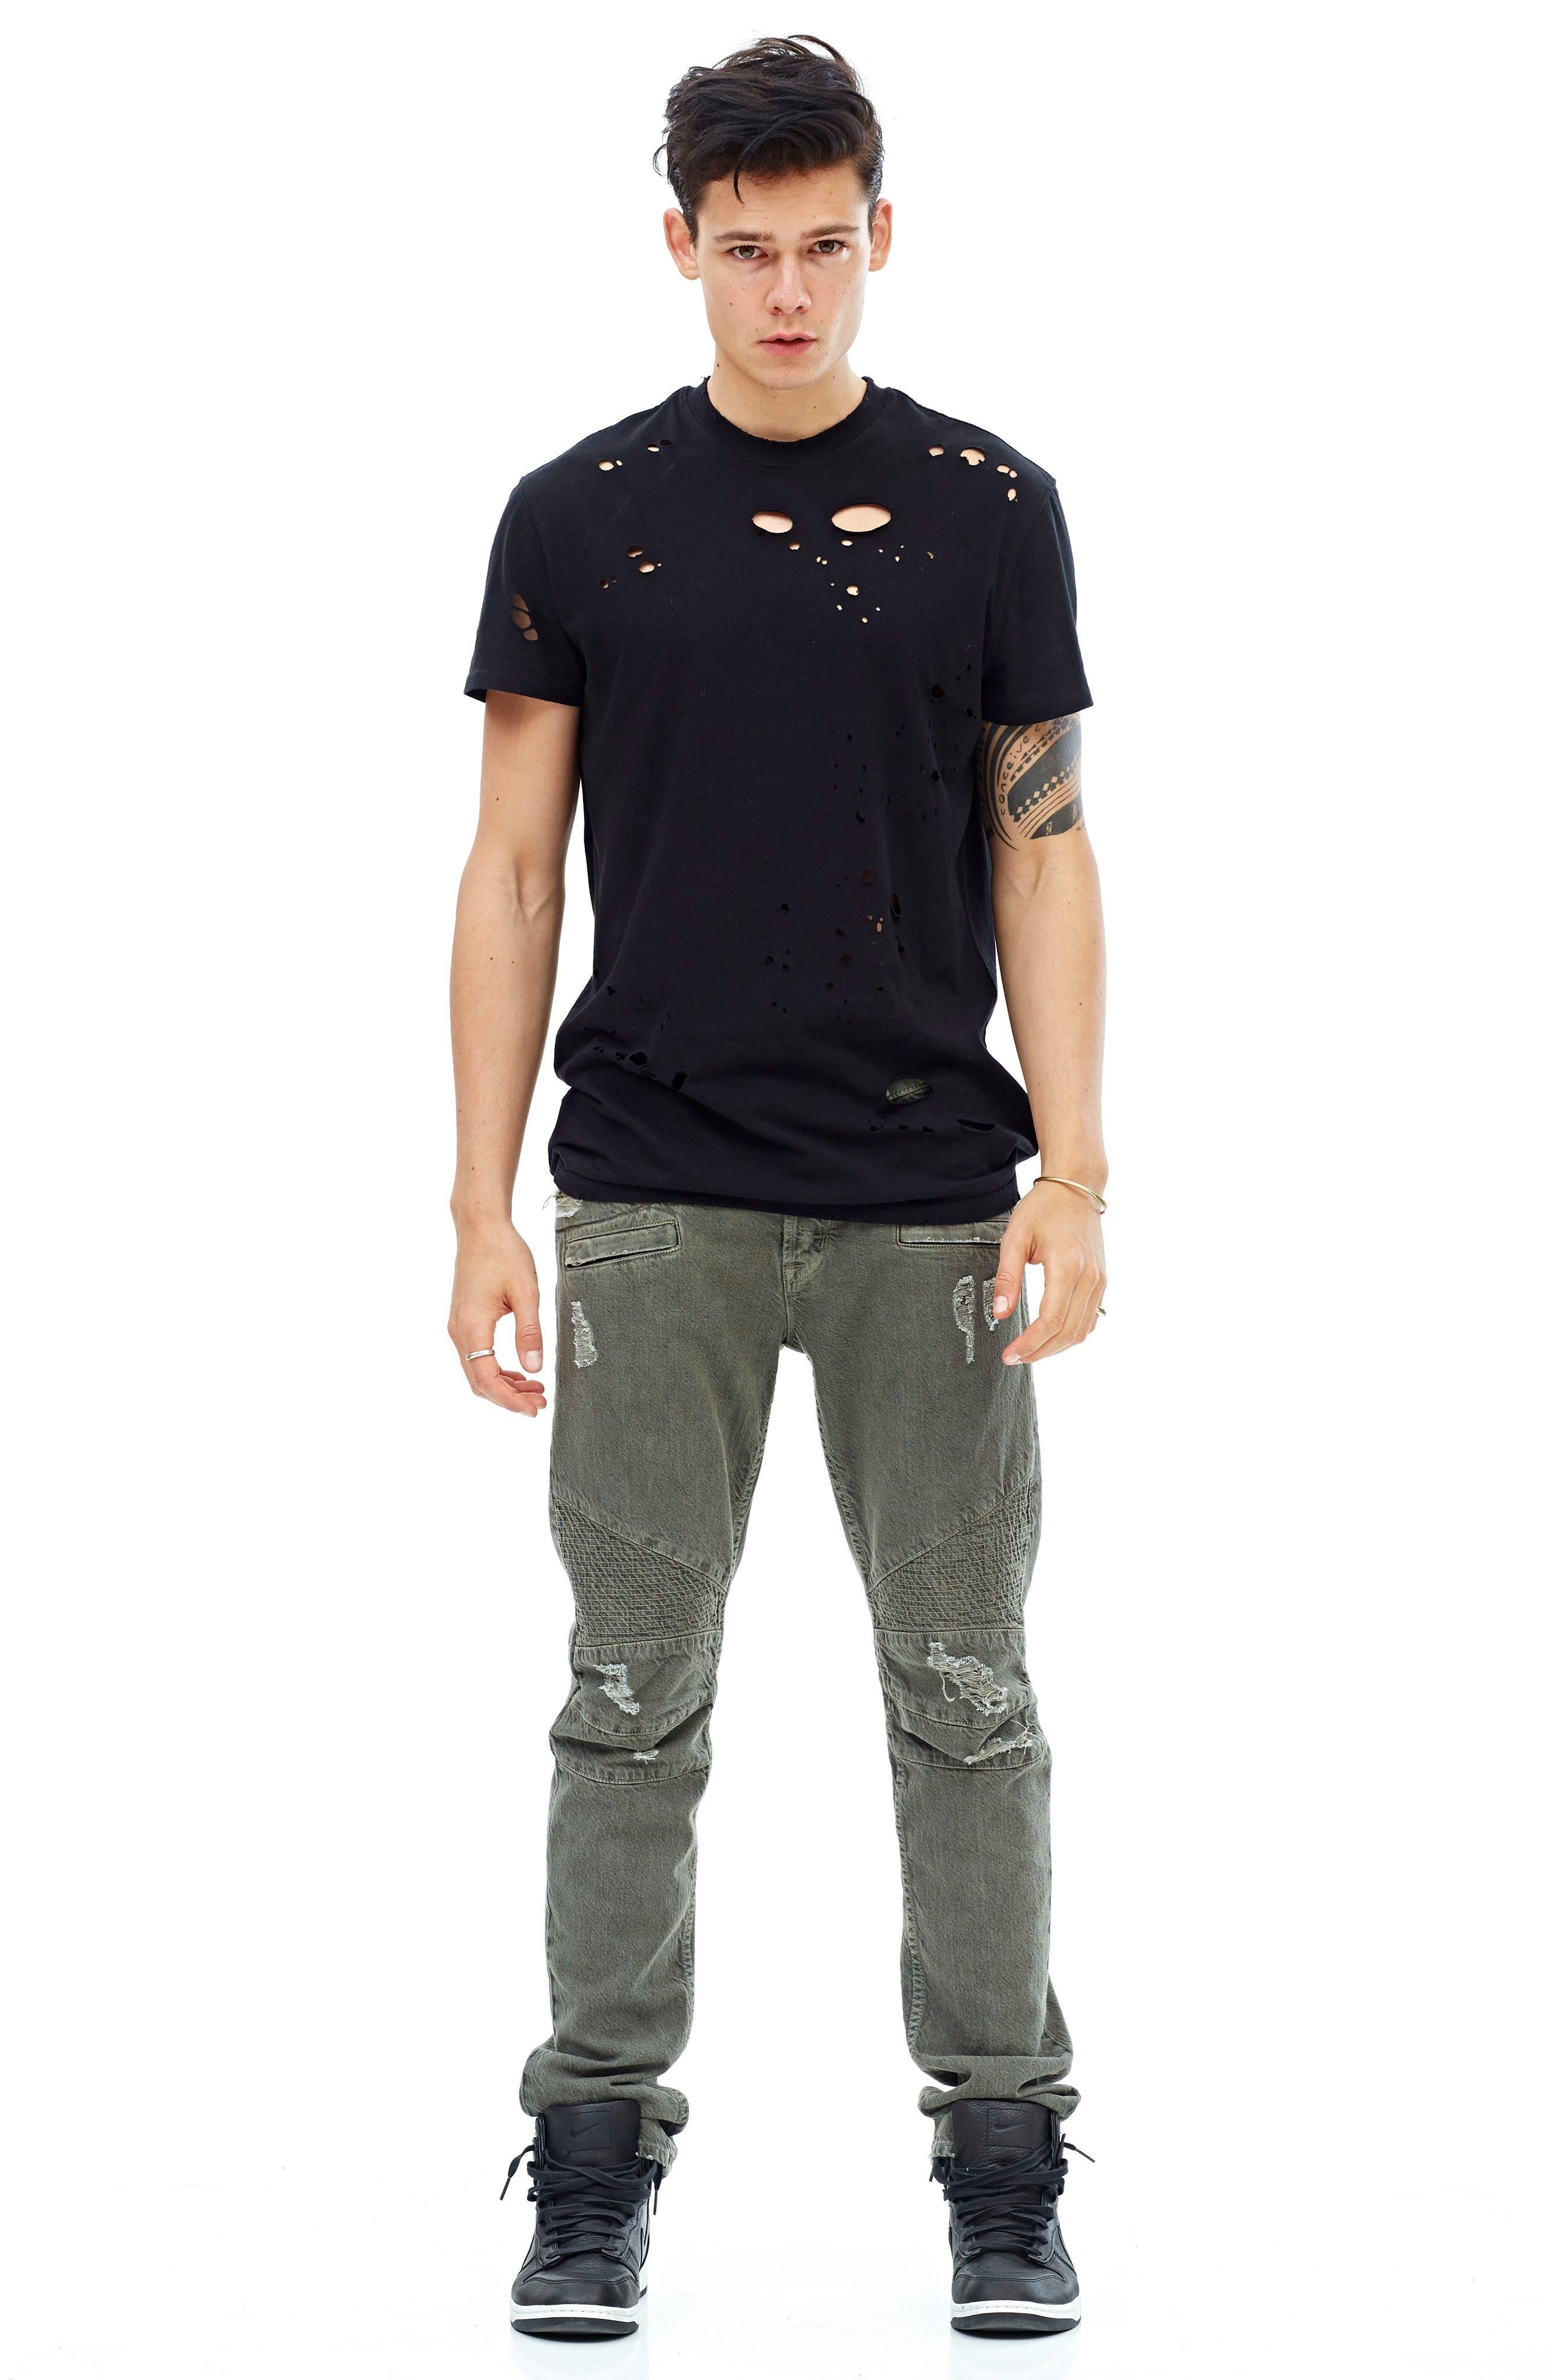 Blinder Biker Skinny Fit Jeans,                             Alternate thumbnail 7, color,                             300